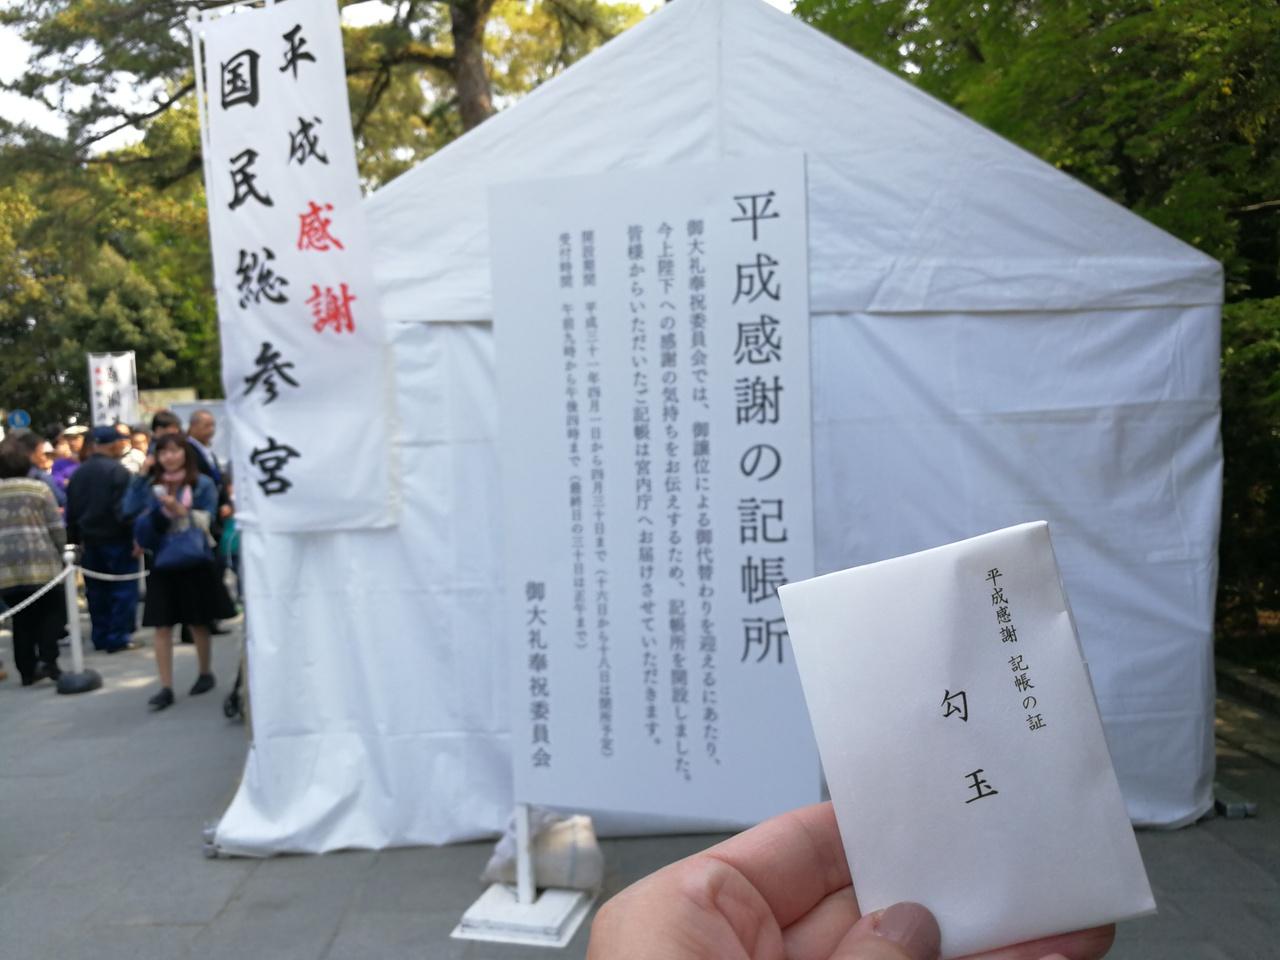 平成最後の伊勢神宮♪♪1泊2日小旅行』三重県の旅行記・ブログ by ...